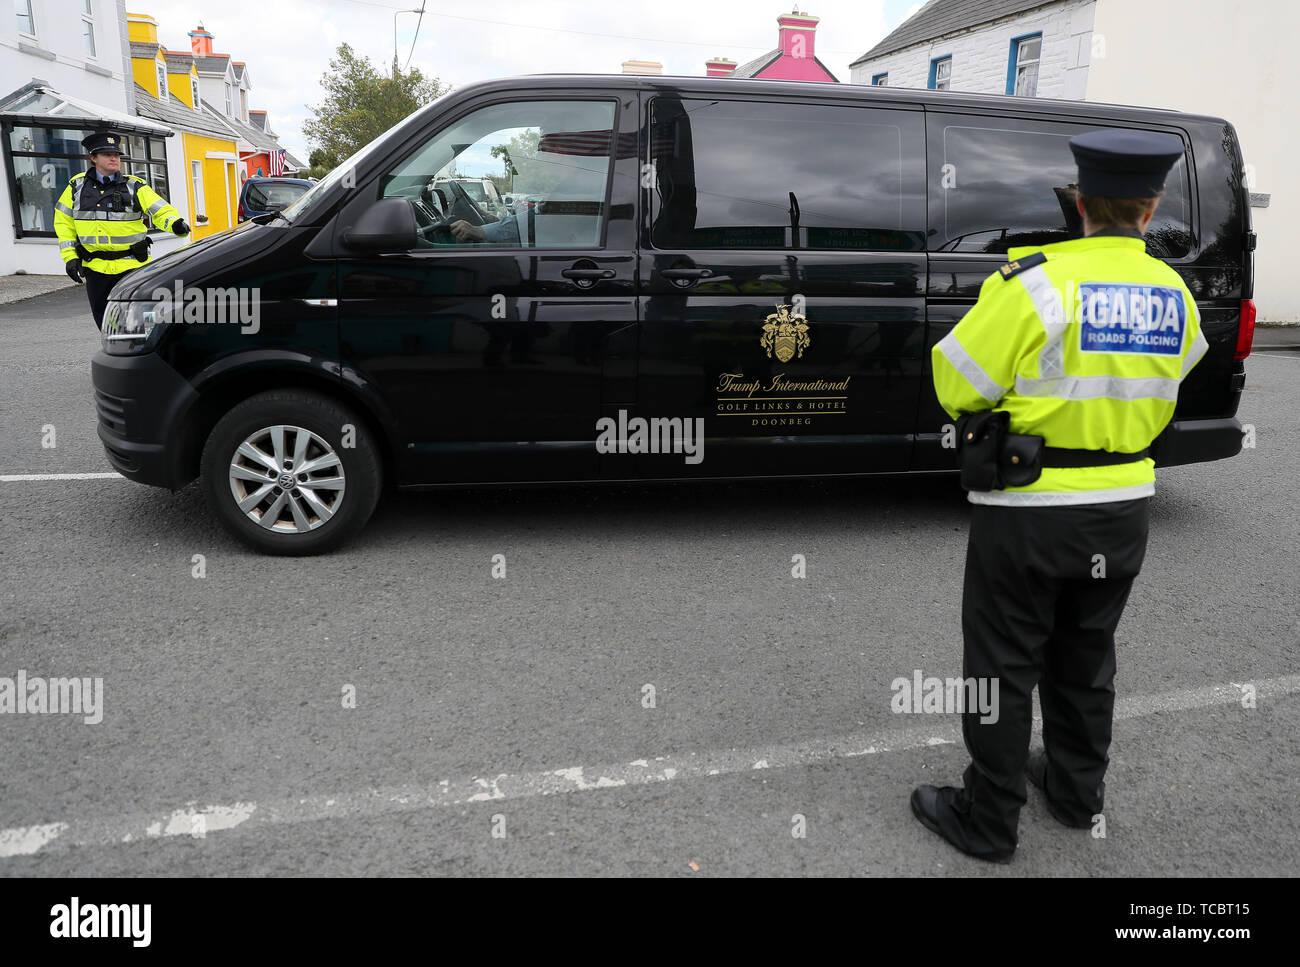 Garda Van Stock Photos & Garda Van Stock Images - Alamy